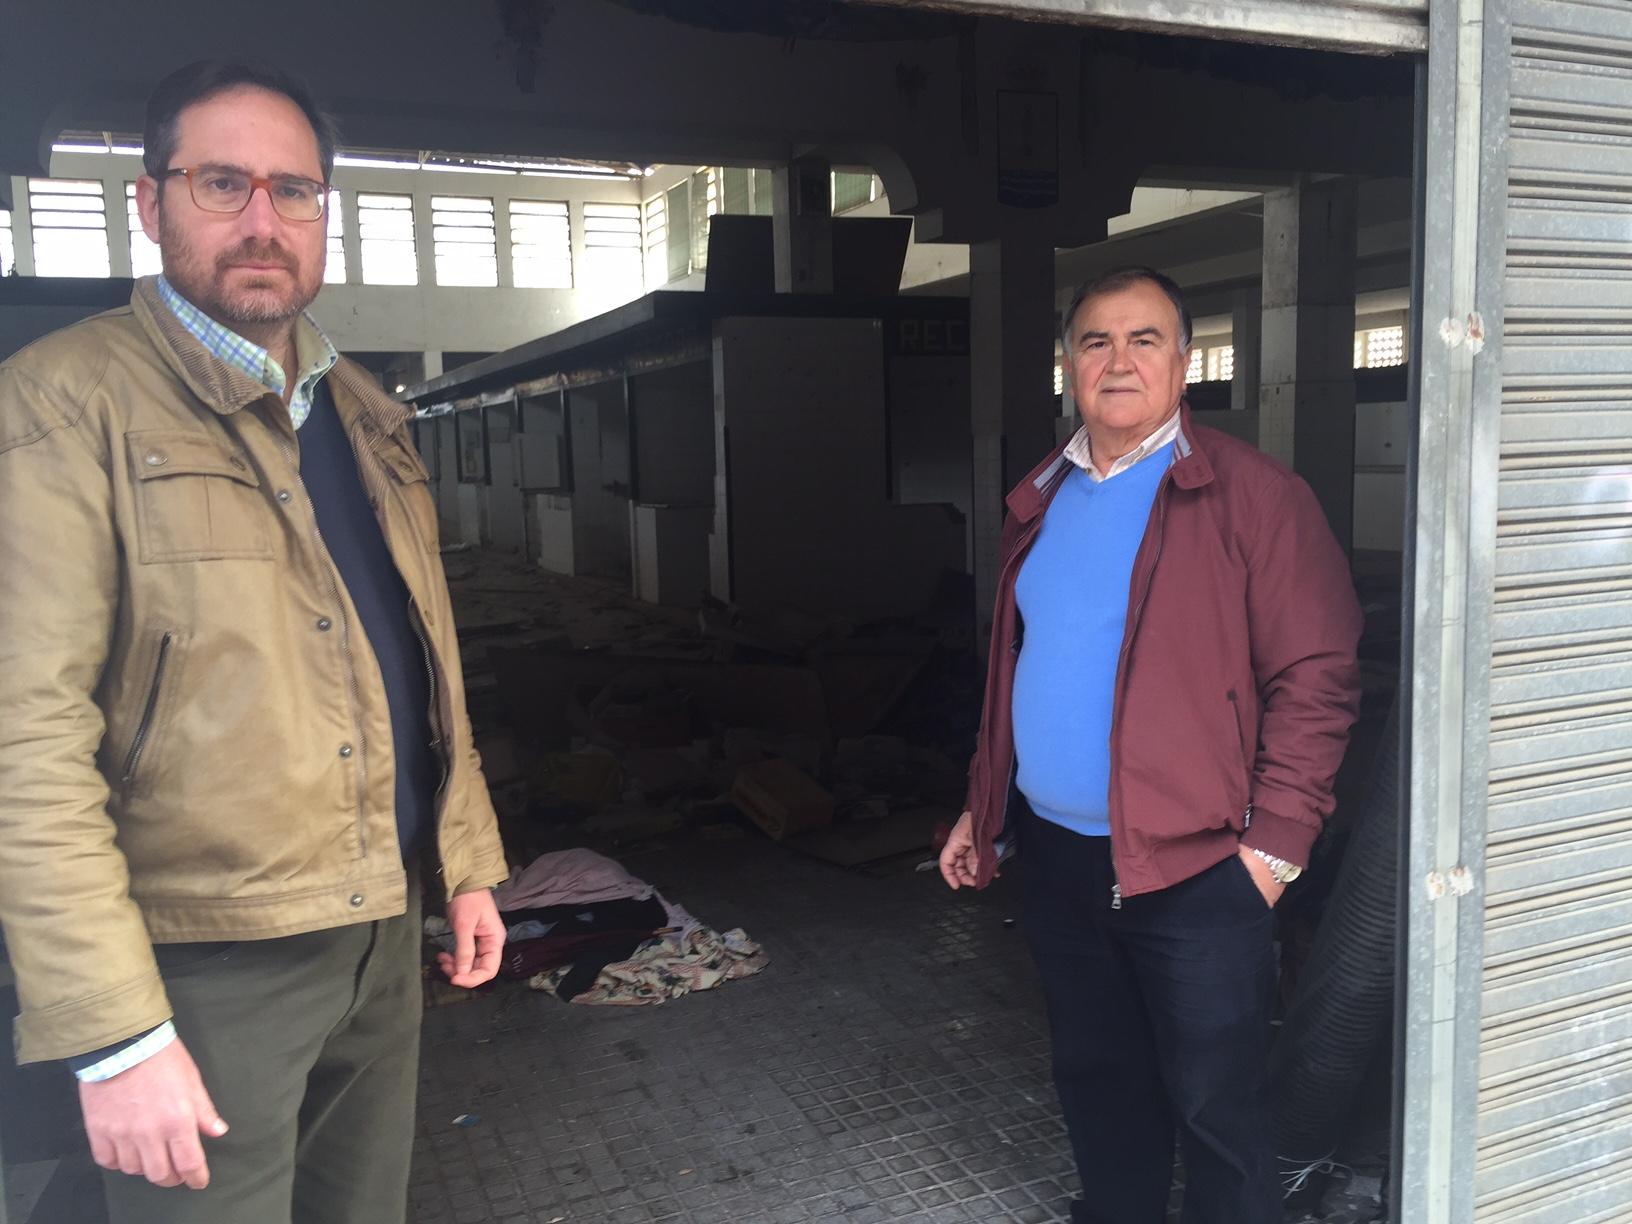 José Manuel Vullanueva y Paco Bautista, tus concejales del PP, verifican el lamentable estado del edificio público